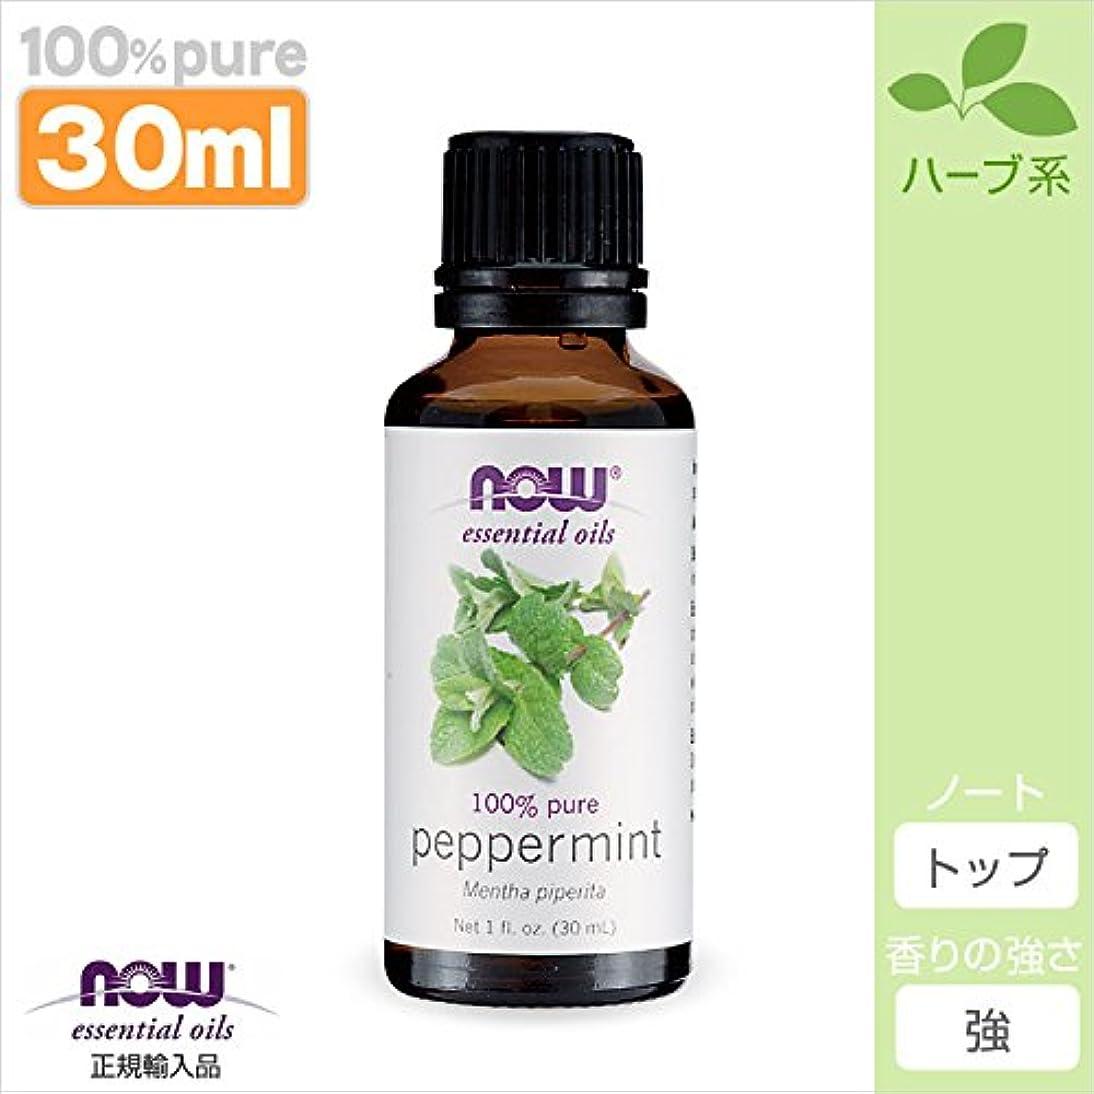 ストライプ異形効果的にペパーミント精油[30ml] 【正規輸入品】 NOWエッセンシャルオイル(アロマオイル)